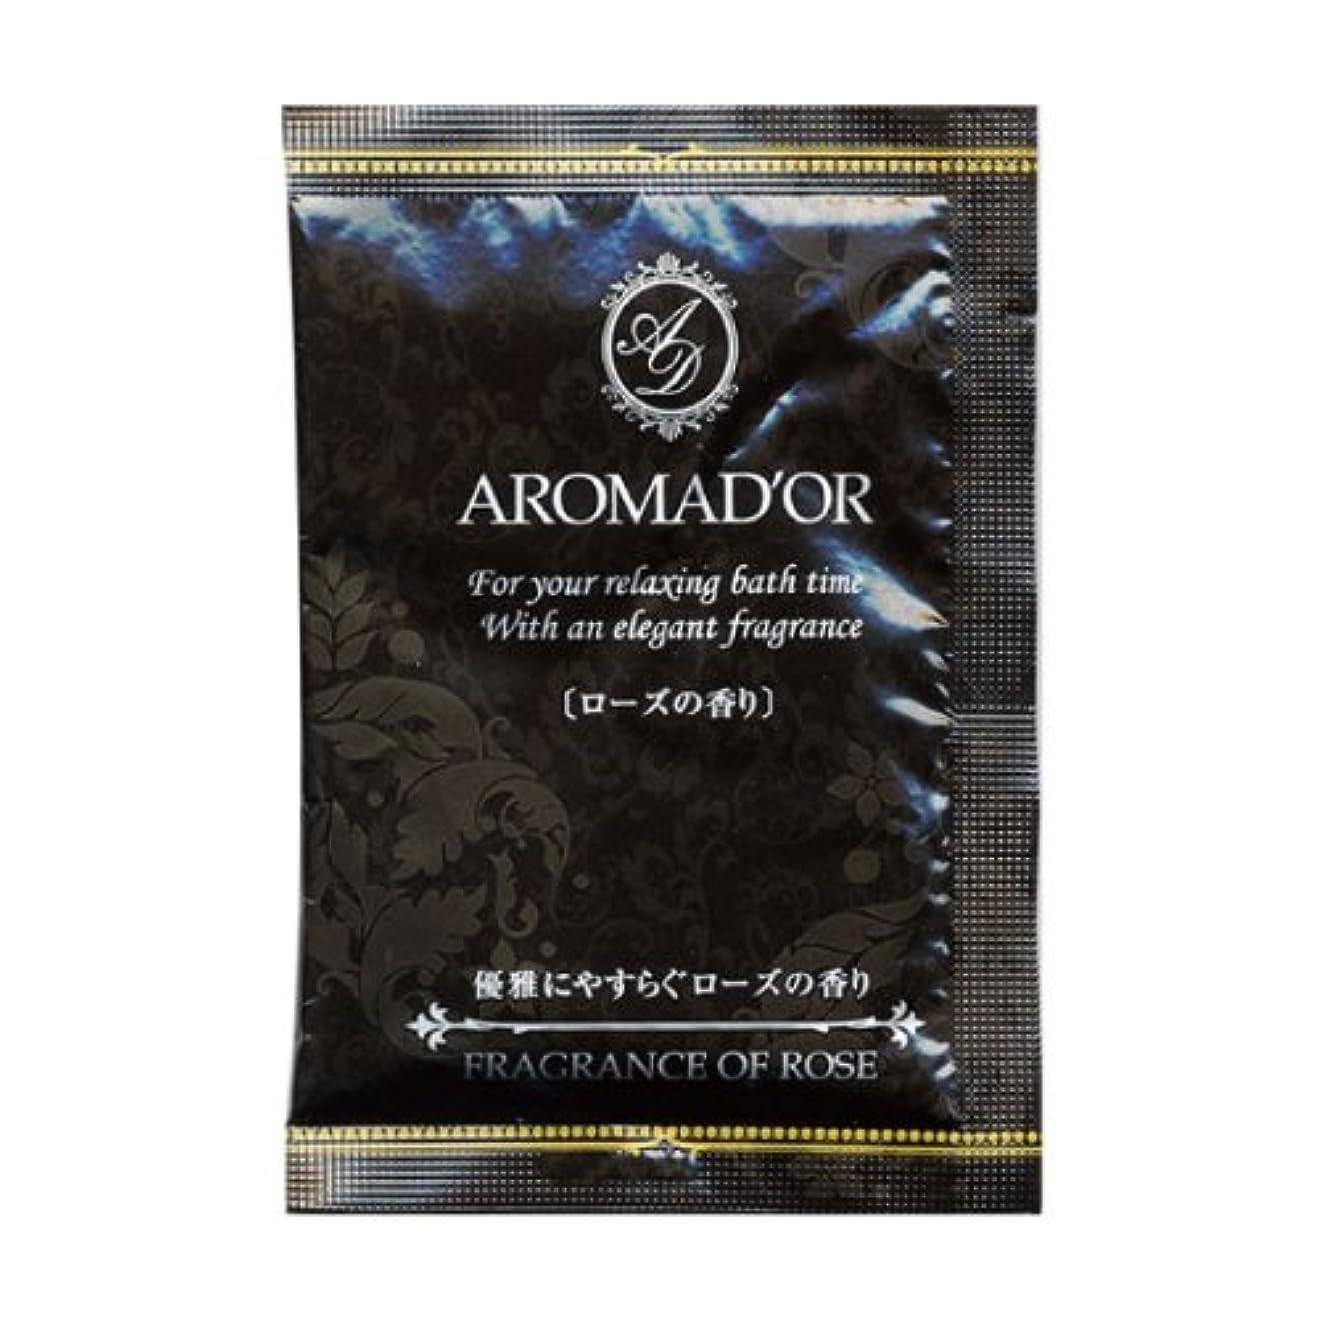 新着サーバント使い込むアロマドール入浴剤 フレグランスローズの香り 200包